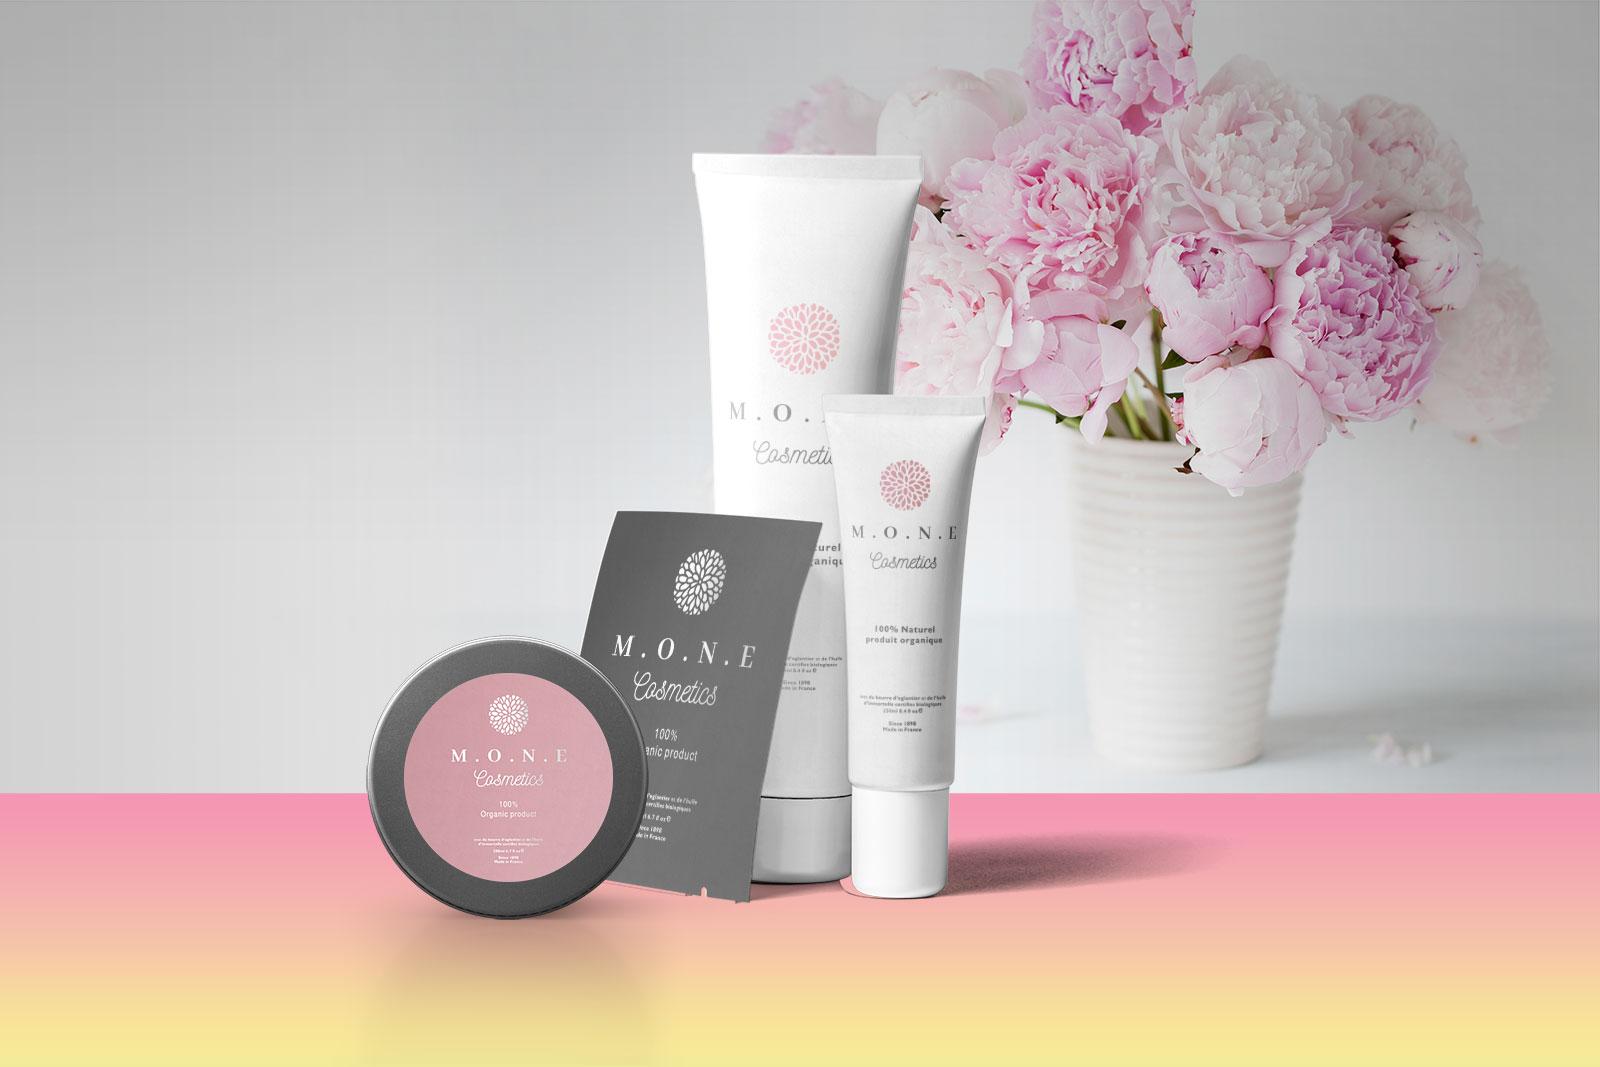 Free-Premium-Cosmetics-Cream-Tube-Container-Mockup-PSD